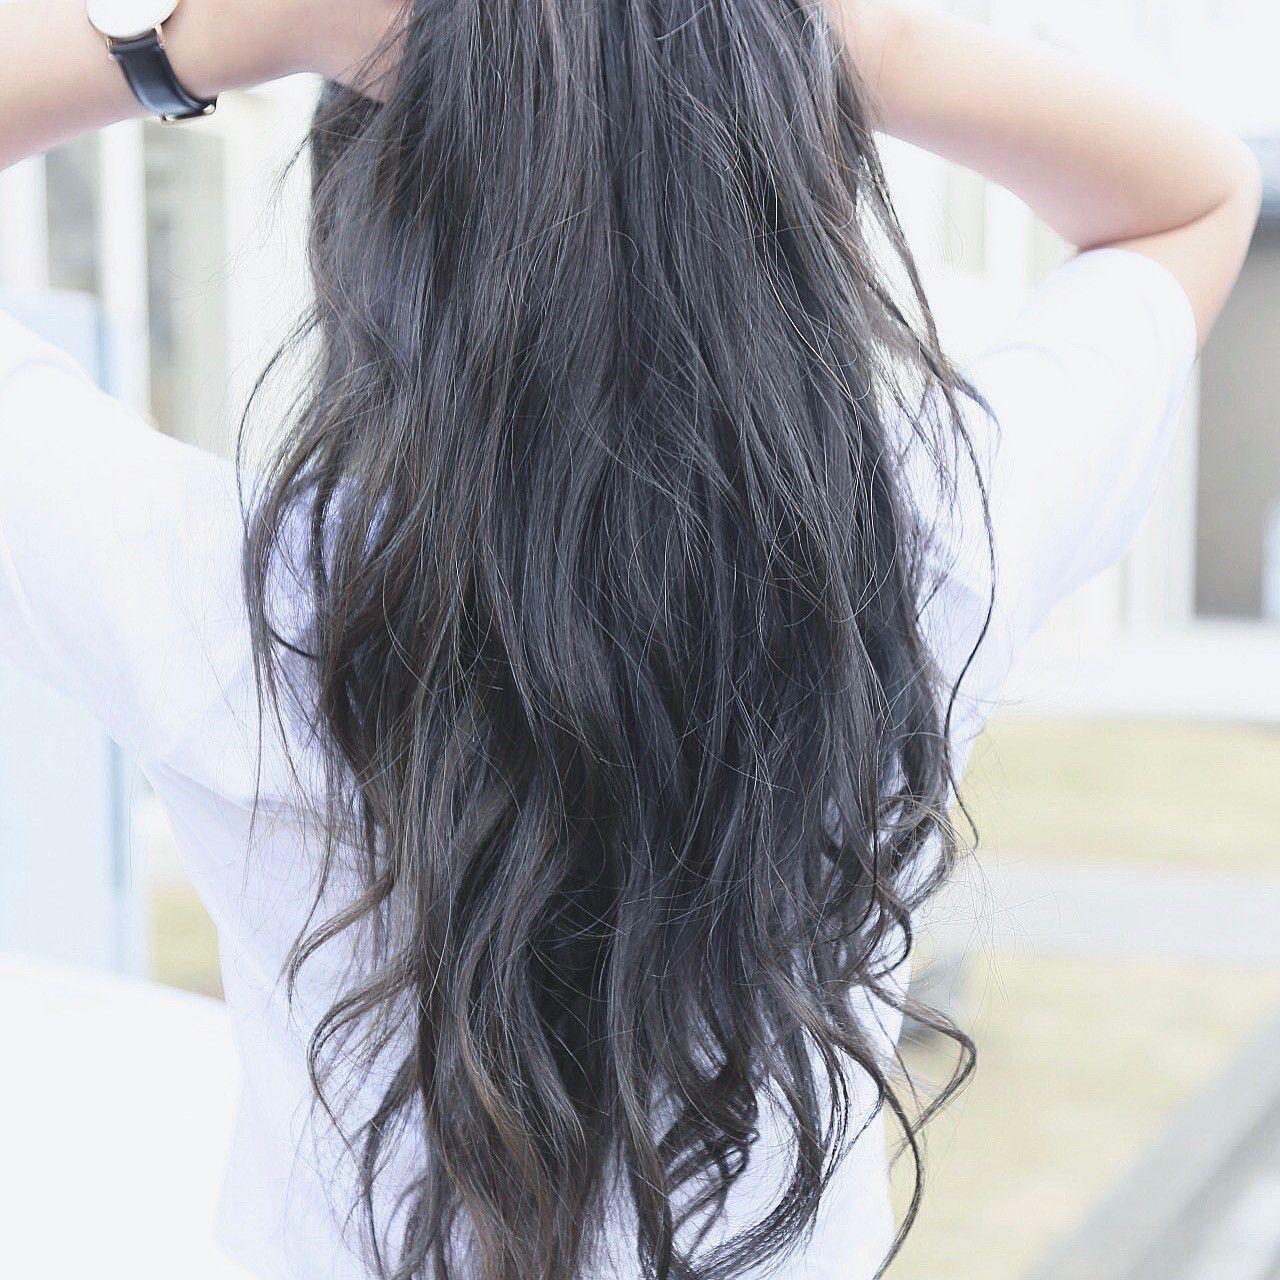 日本人の髪に合うネイビーアッシュでモテ ツヤ髪に 色落ち感もキレイ